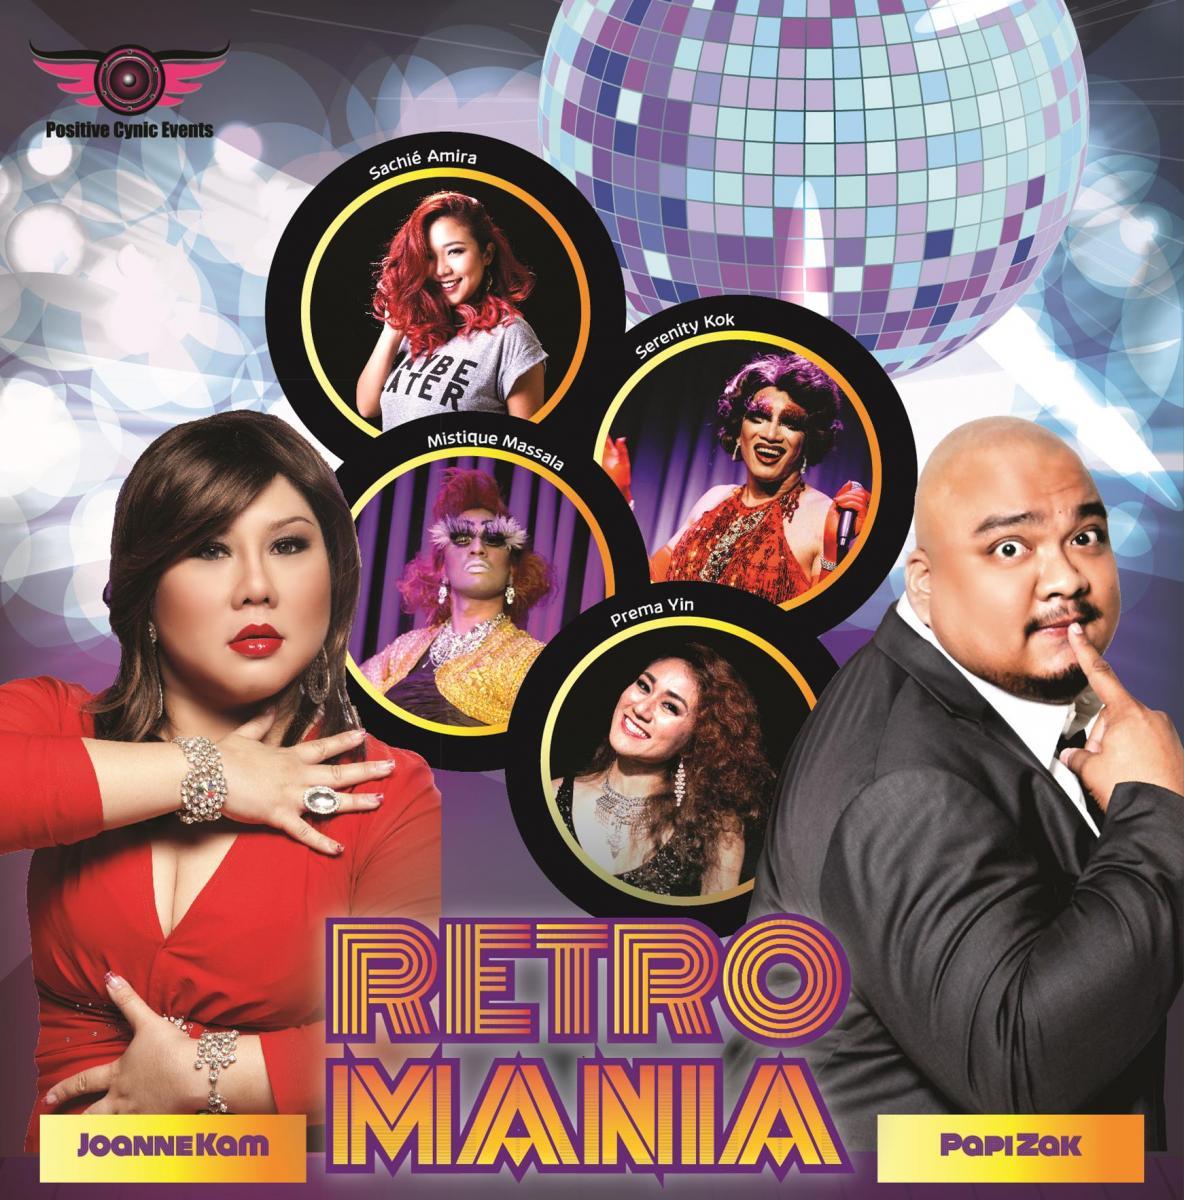 RETRO MANIA - 25 August 2016